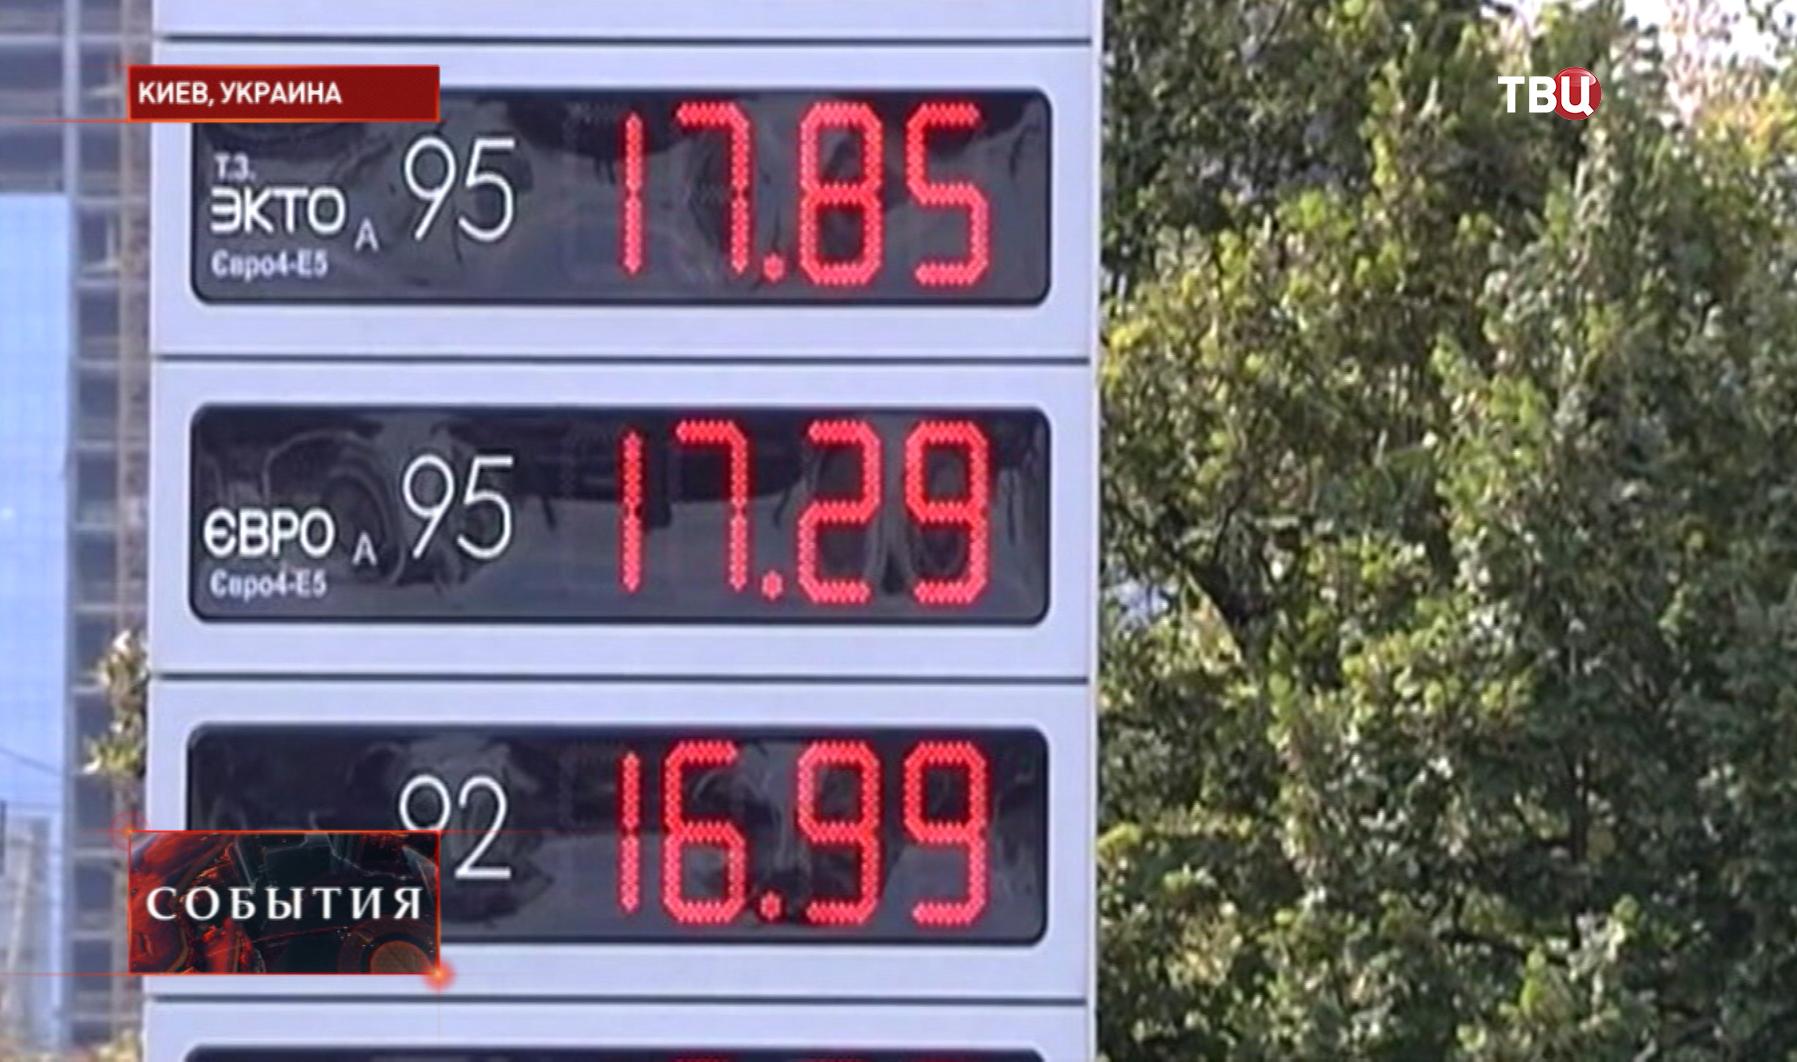 Стоимость топлива в Киеве